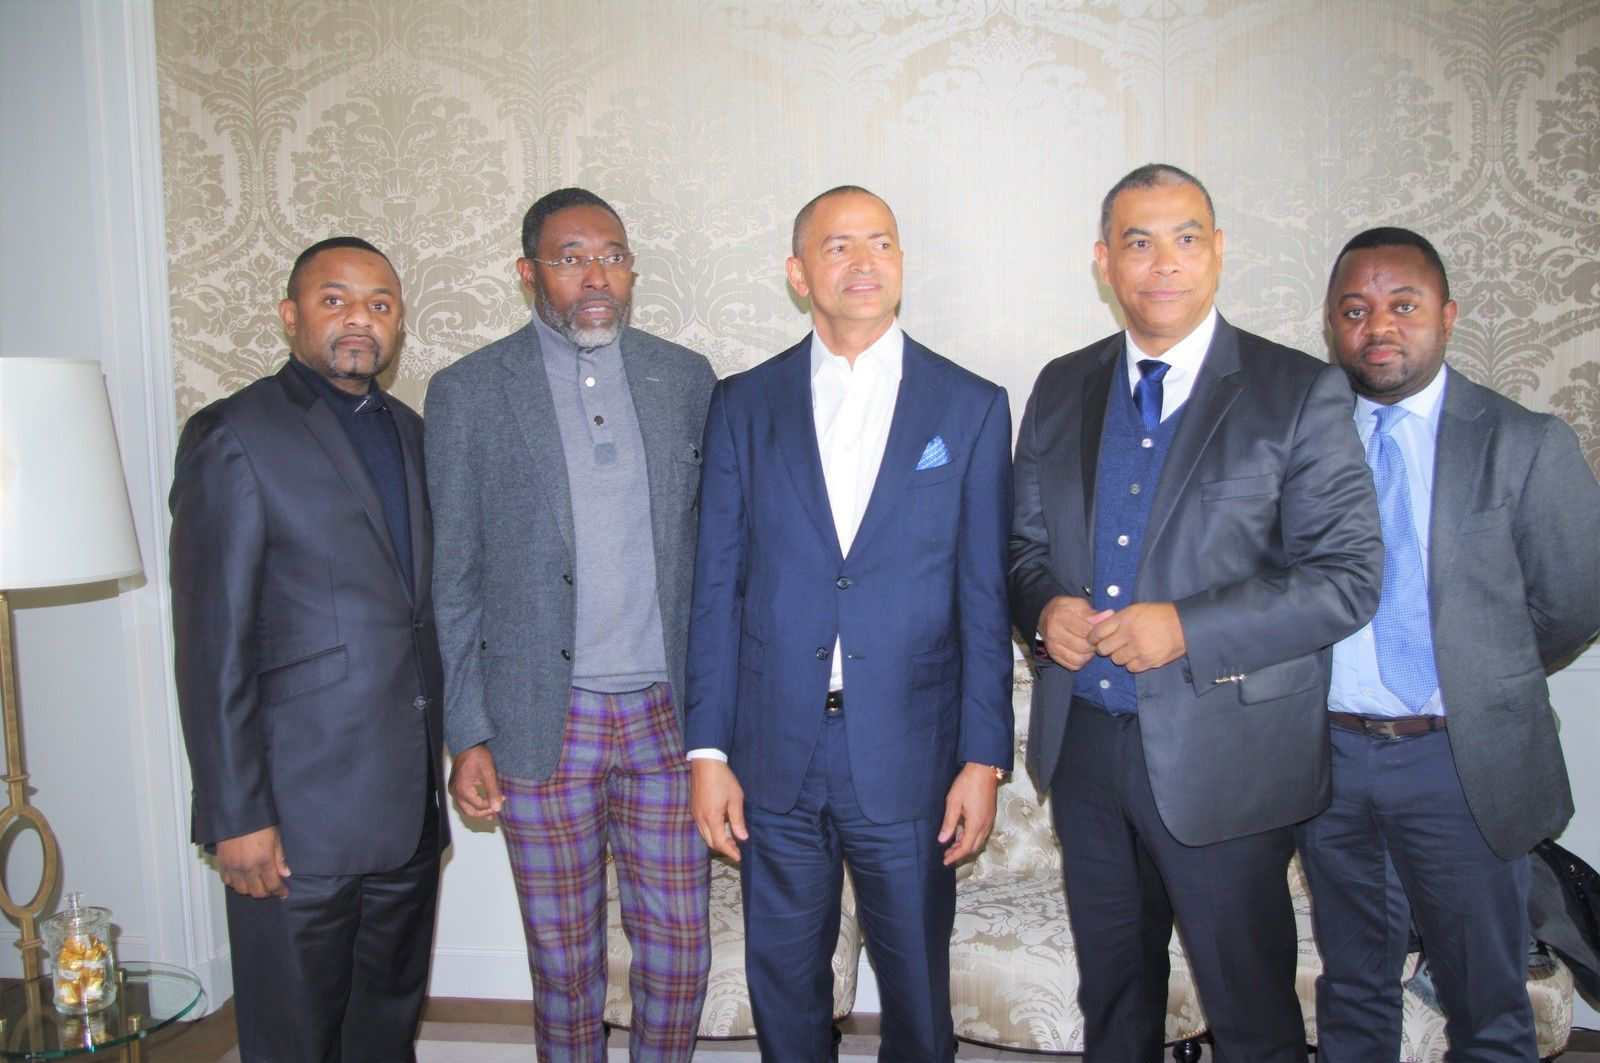 Francis Kalombo aux côtés de Moïse Katumbi. Paris le 12.02.2018 Photo Cheik FITA